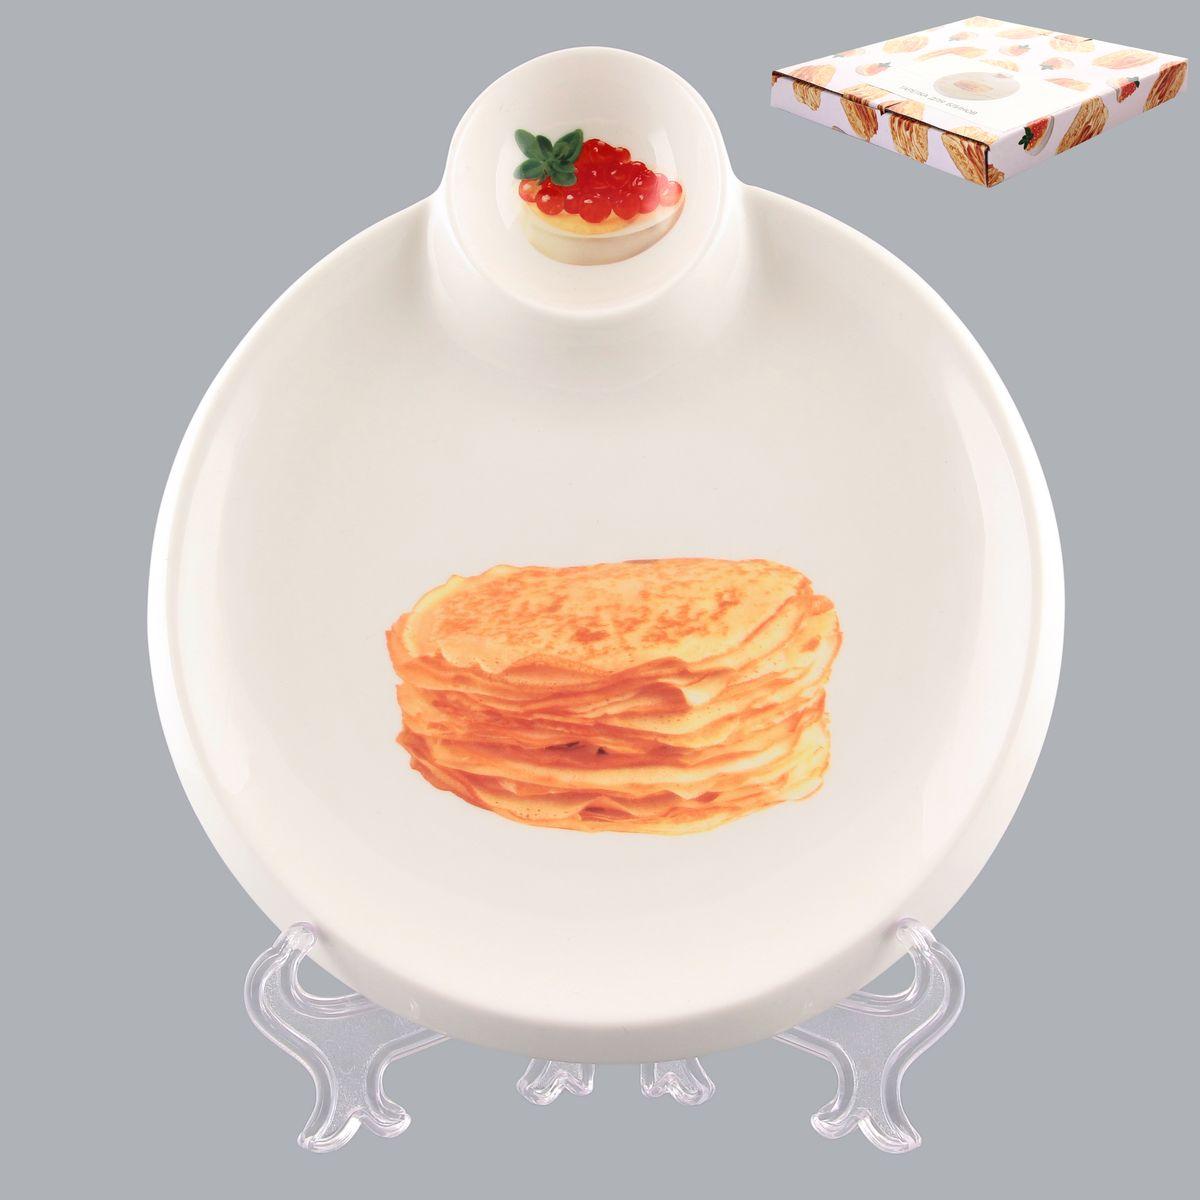 Тарелка для блинов Elan Gallery Блины, с соусницей, диаметр 20 см101211Круглая тарелка Elan Gallery Блины, изготовленная из керамики и декорированная ярким и аппетитным изображением, позволит красиво подать блины. А благодаря небольшой соуснице вам не потребуется дополнительной посуды под варенье или соус. Такая тарелка украсит сервировку вашего стола и подчеркнет прекрасный вкус хозяина, а также станет отличным подарком. Диаметр тарелки: 20 см. Высота: 2 см. Диаметр соусницы: 6 см.